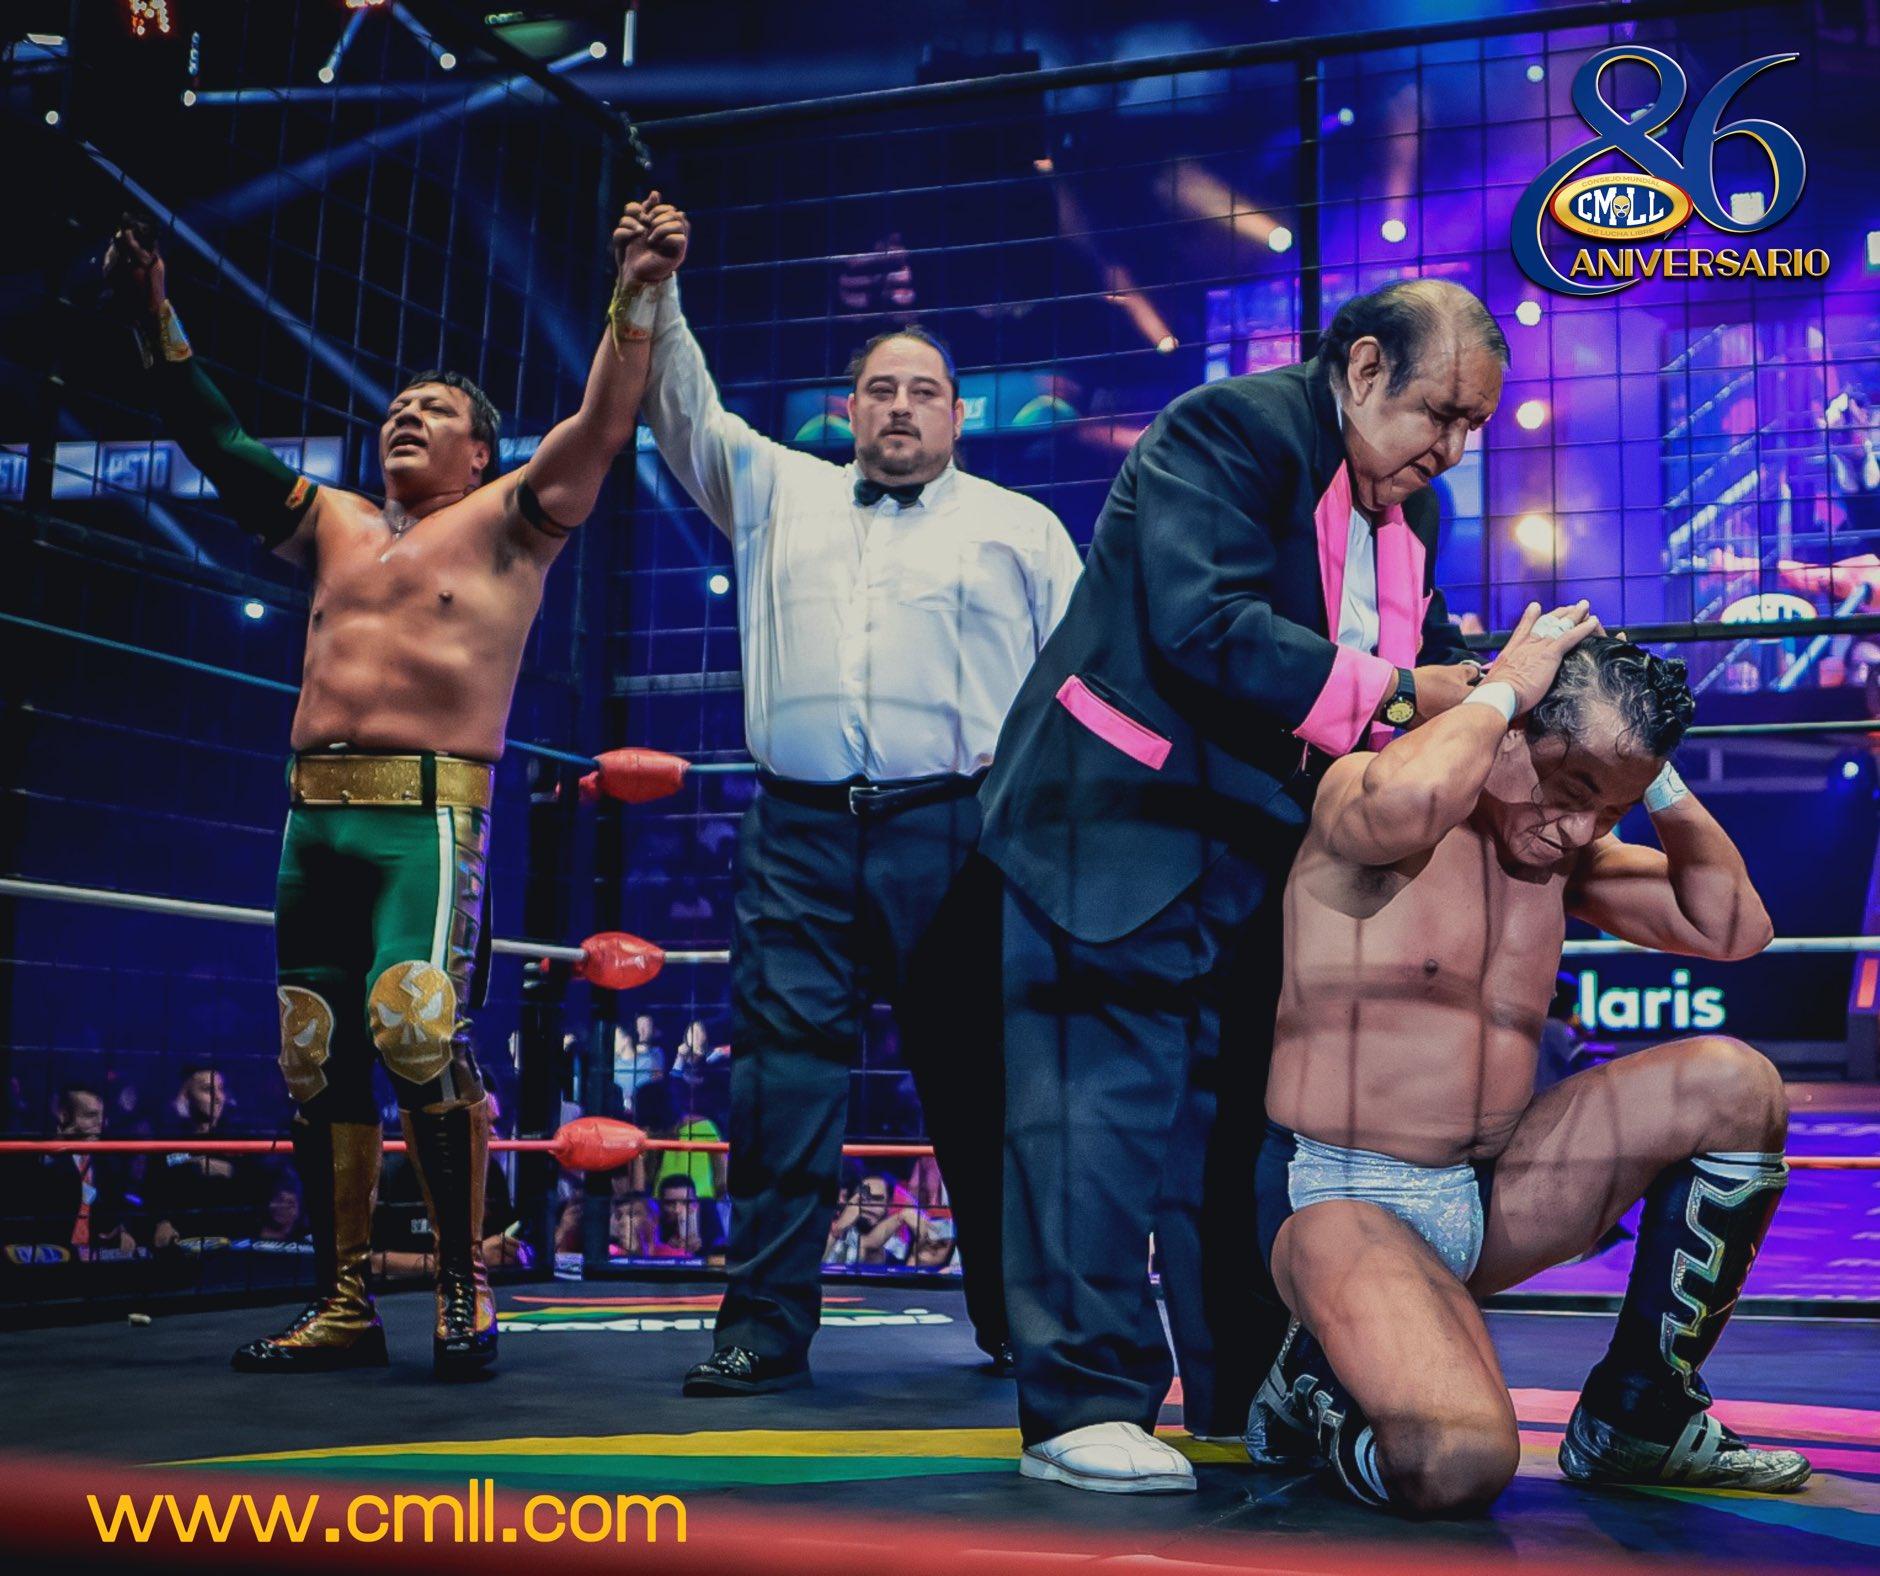 CMLL Aniversario 86 (27 de septiembre 2019) | Resultados en vivo | 7 cabelleras en juego 18